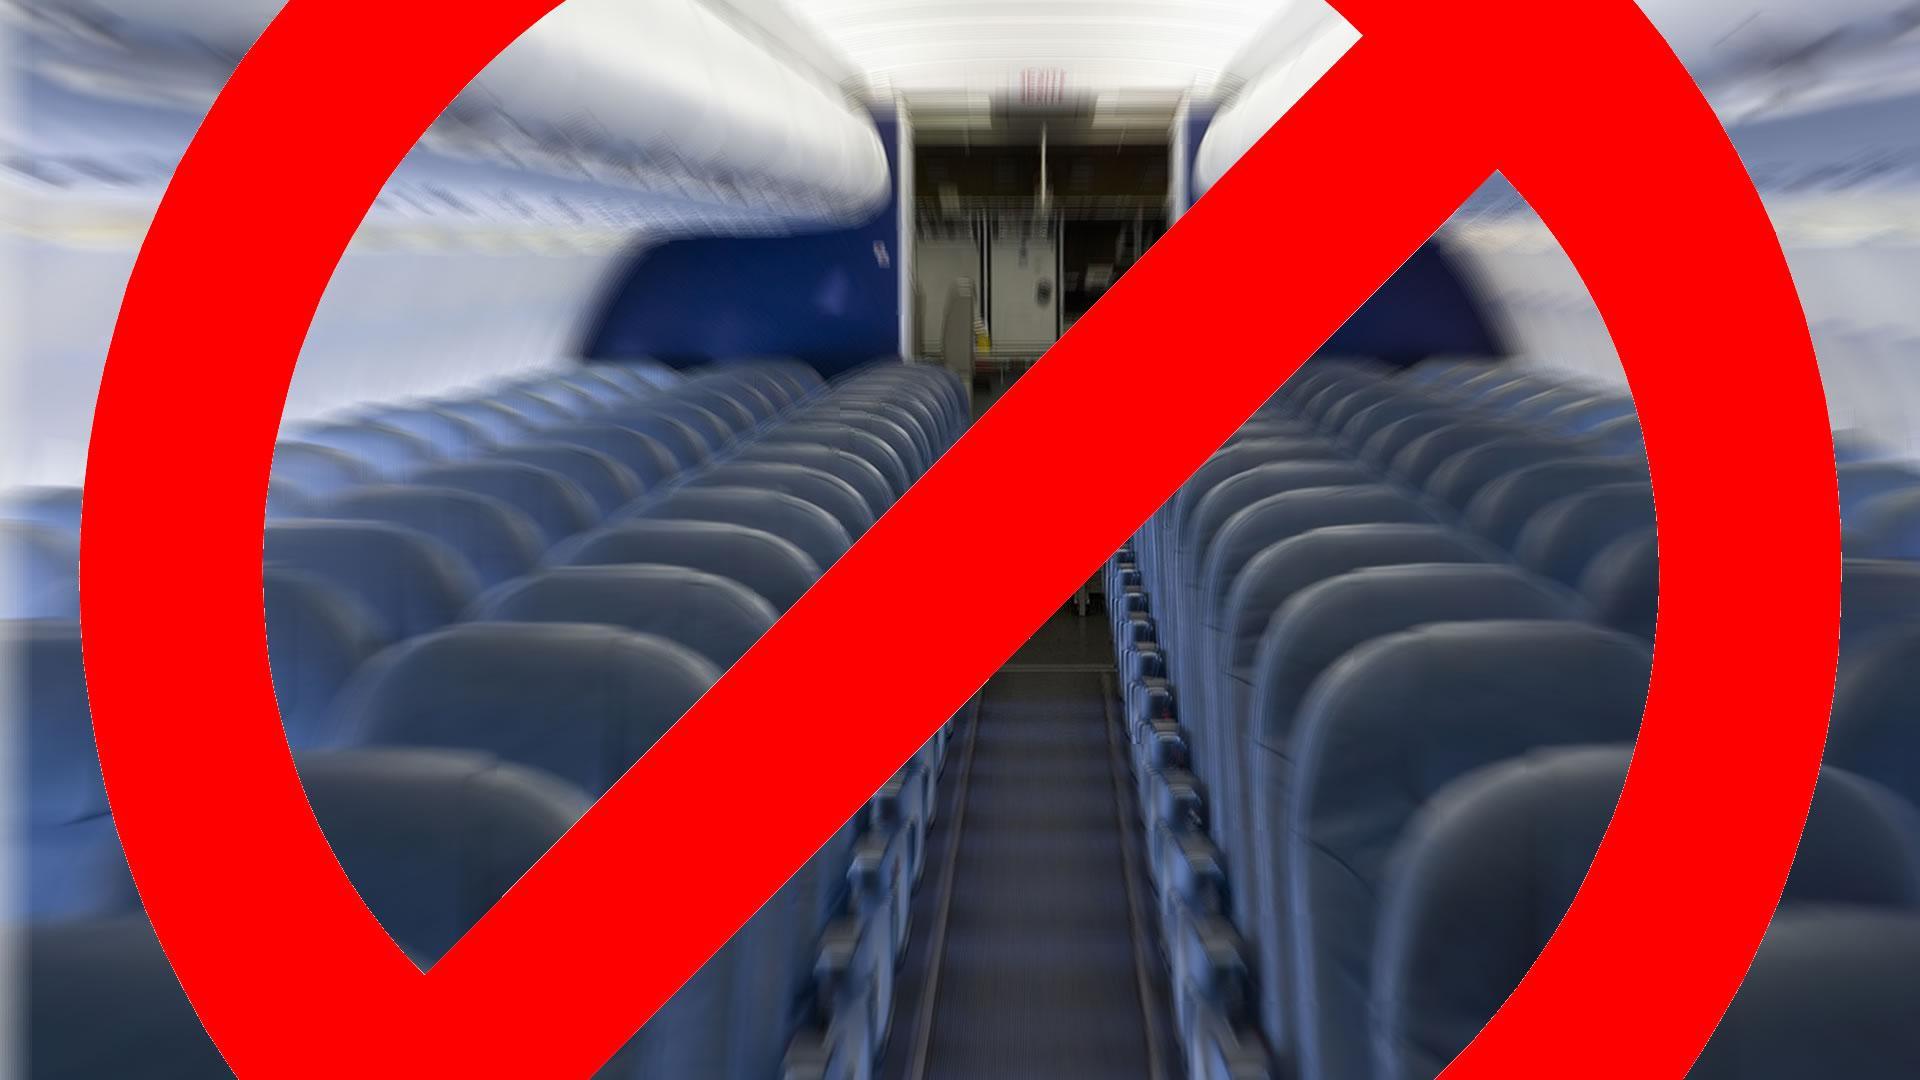 Lo que nunca deberíamos hacer en un avión: video